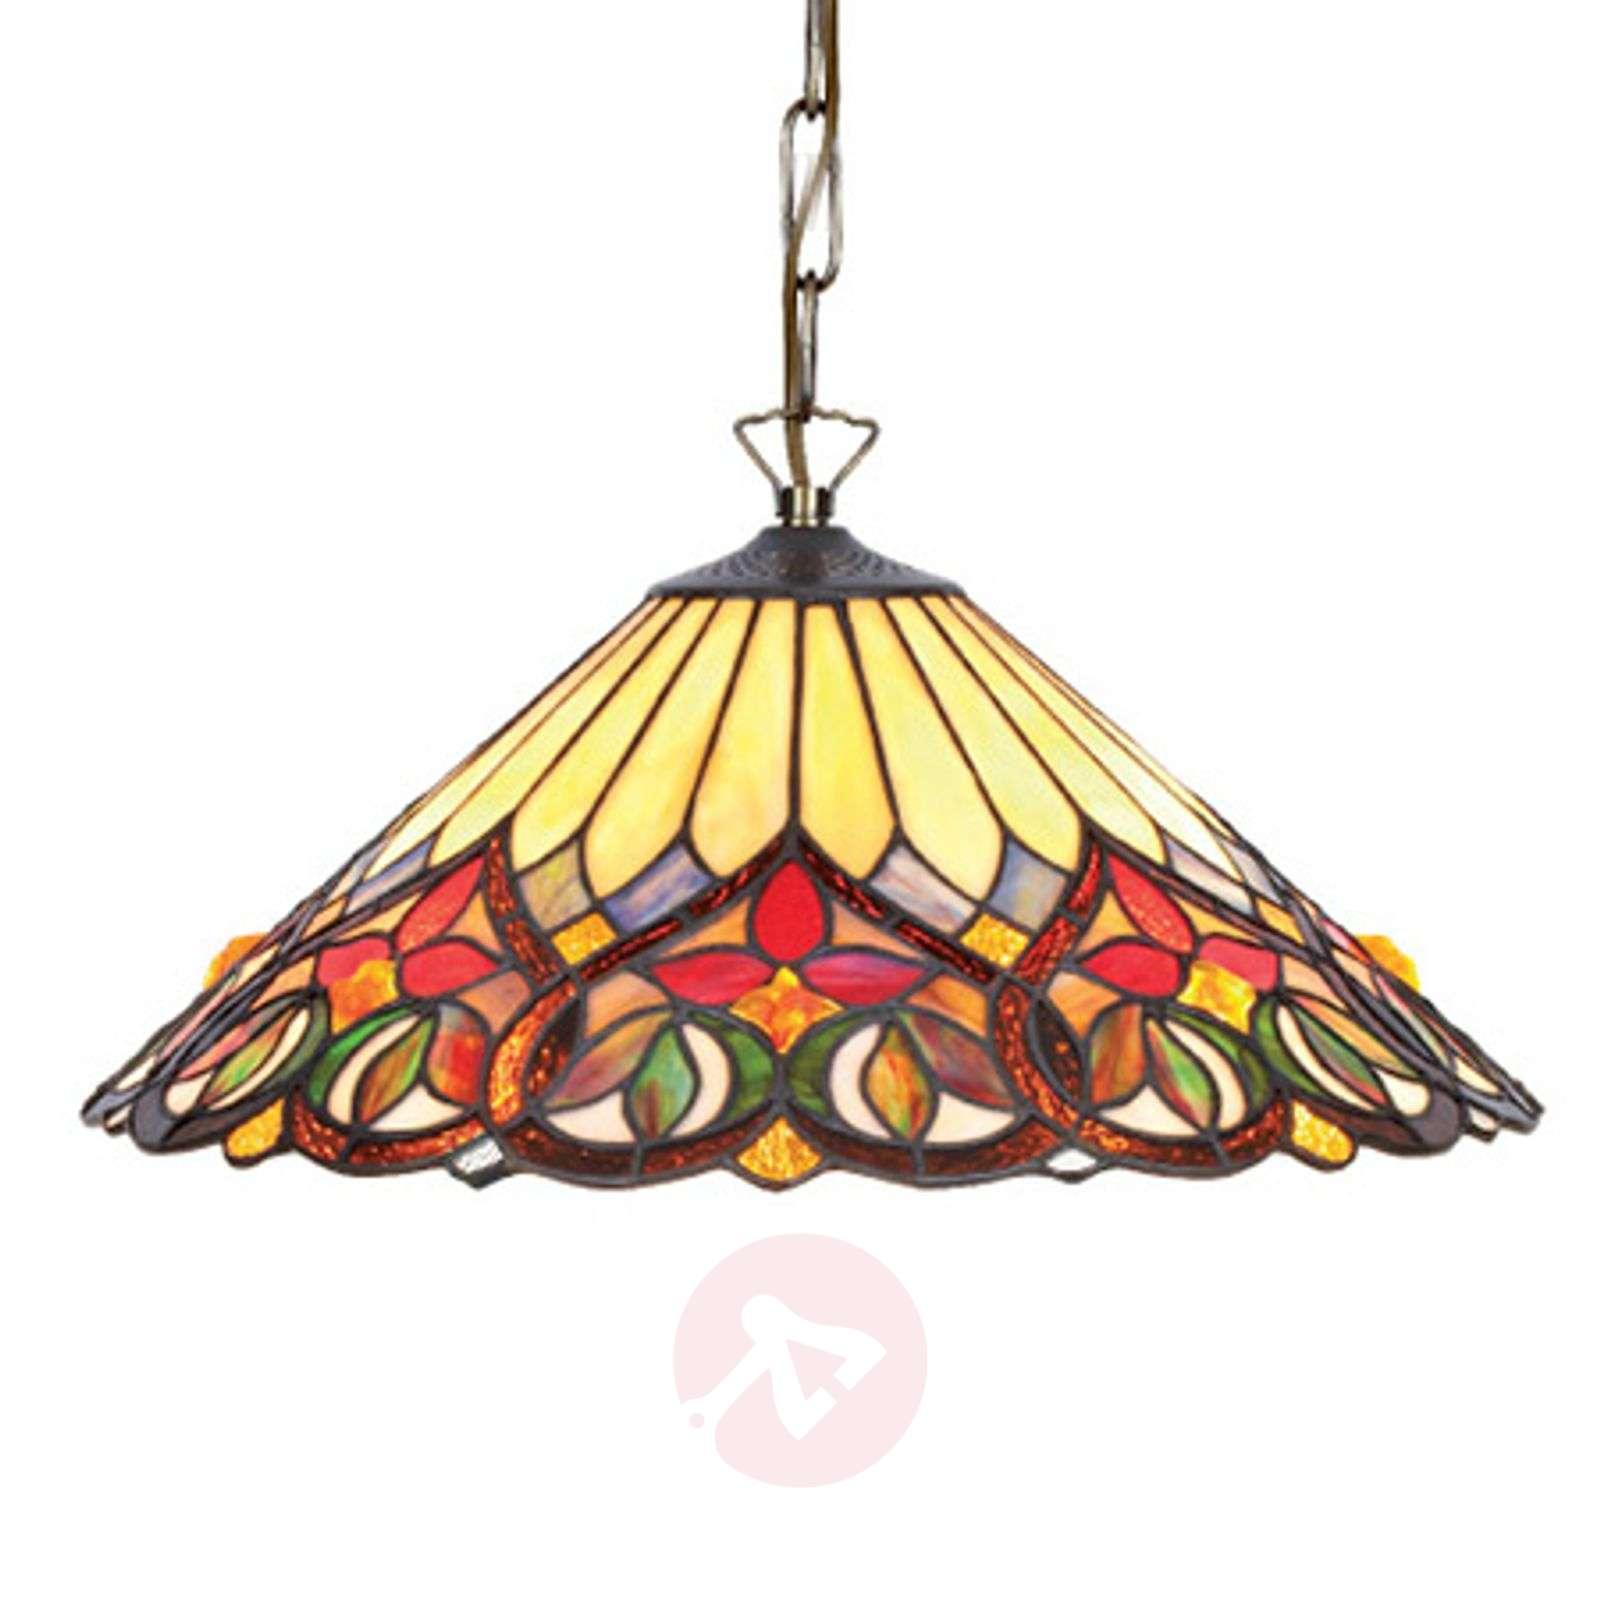 Värikäs Tiffany-tyylinen Anni-riippuvalaisin lasia-1032325-01